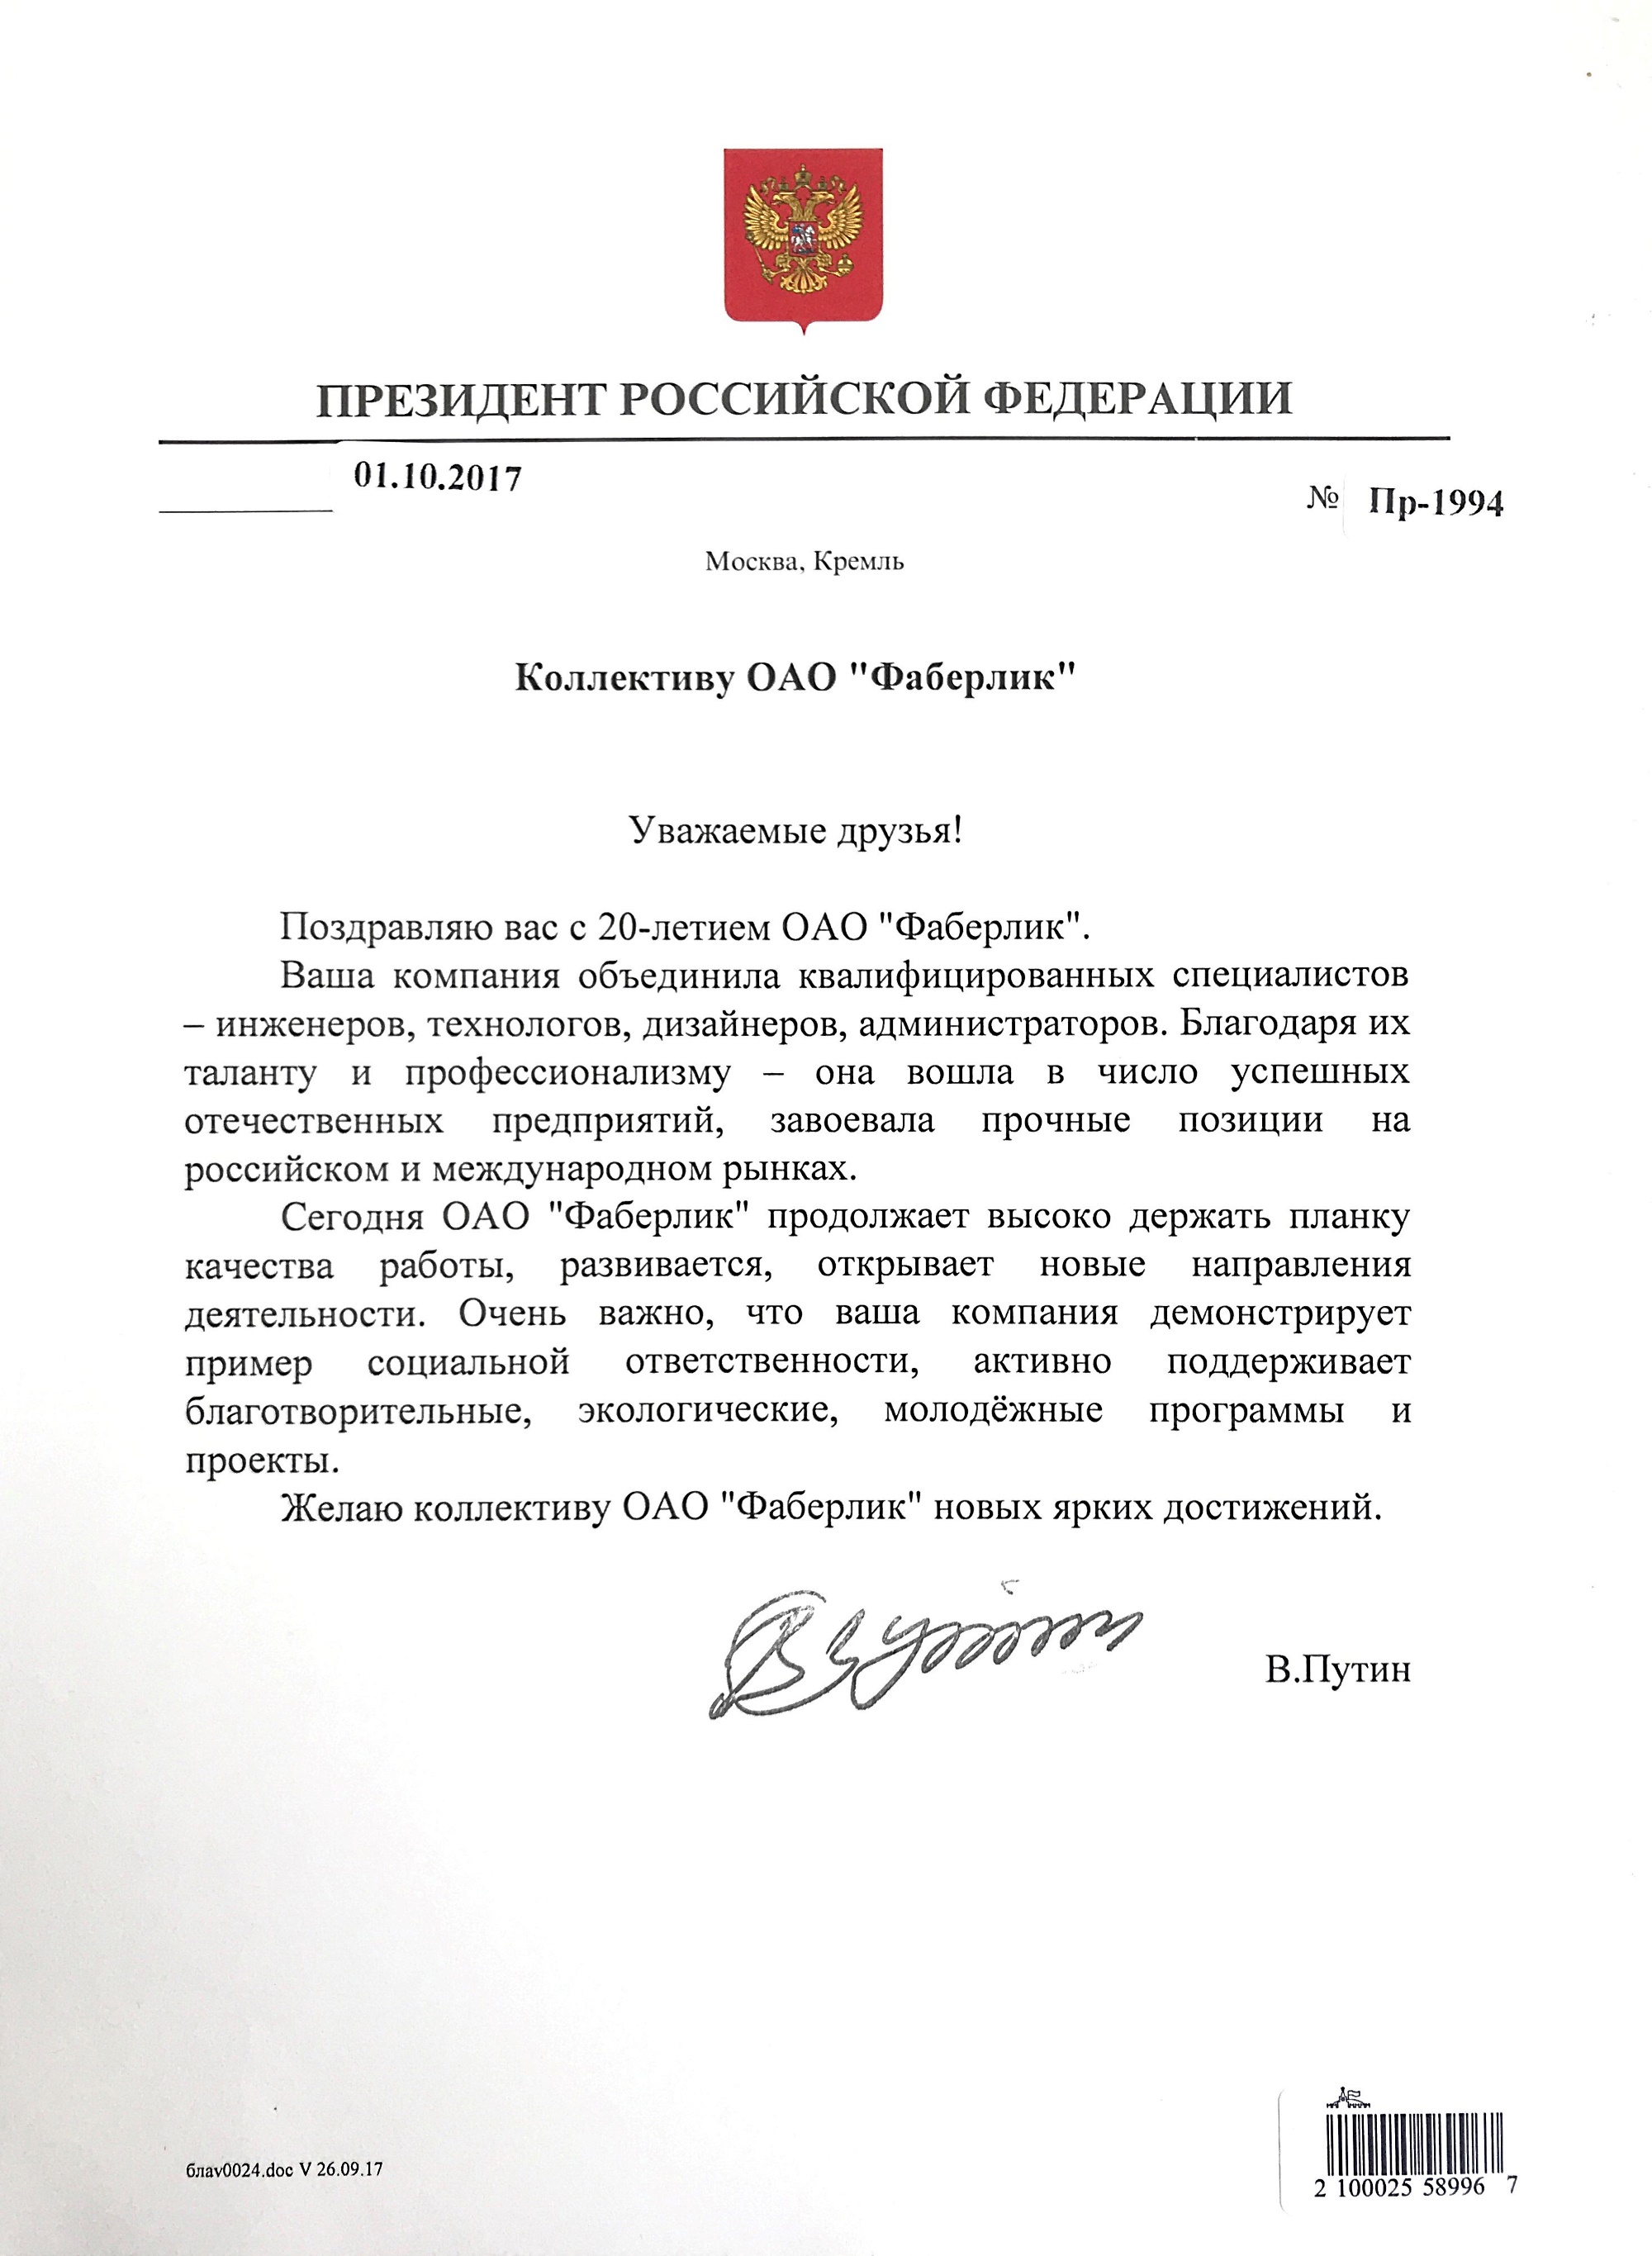 20-летие Фаберлик. В.В. Путин прислал поздравительное письмо